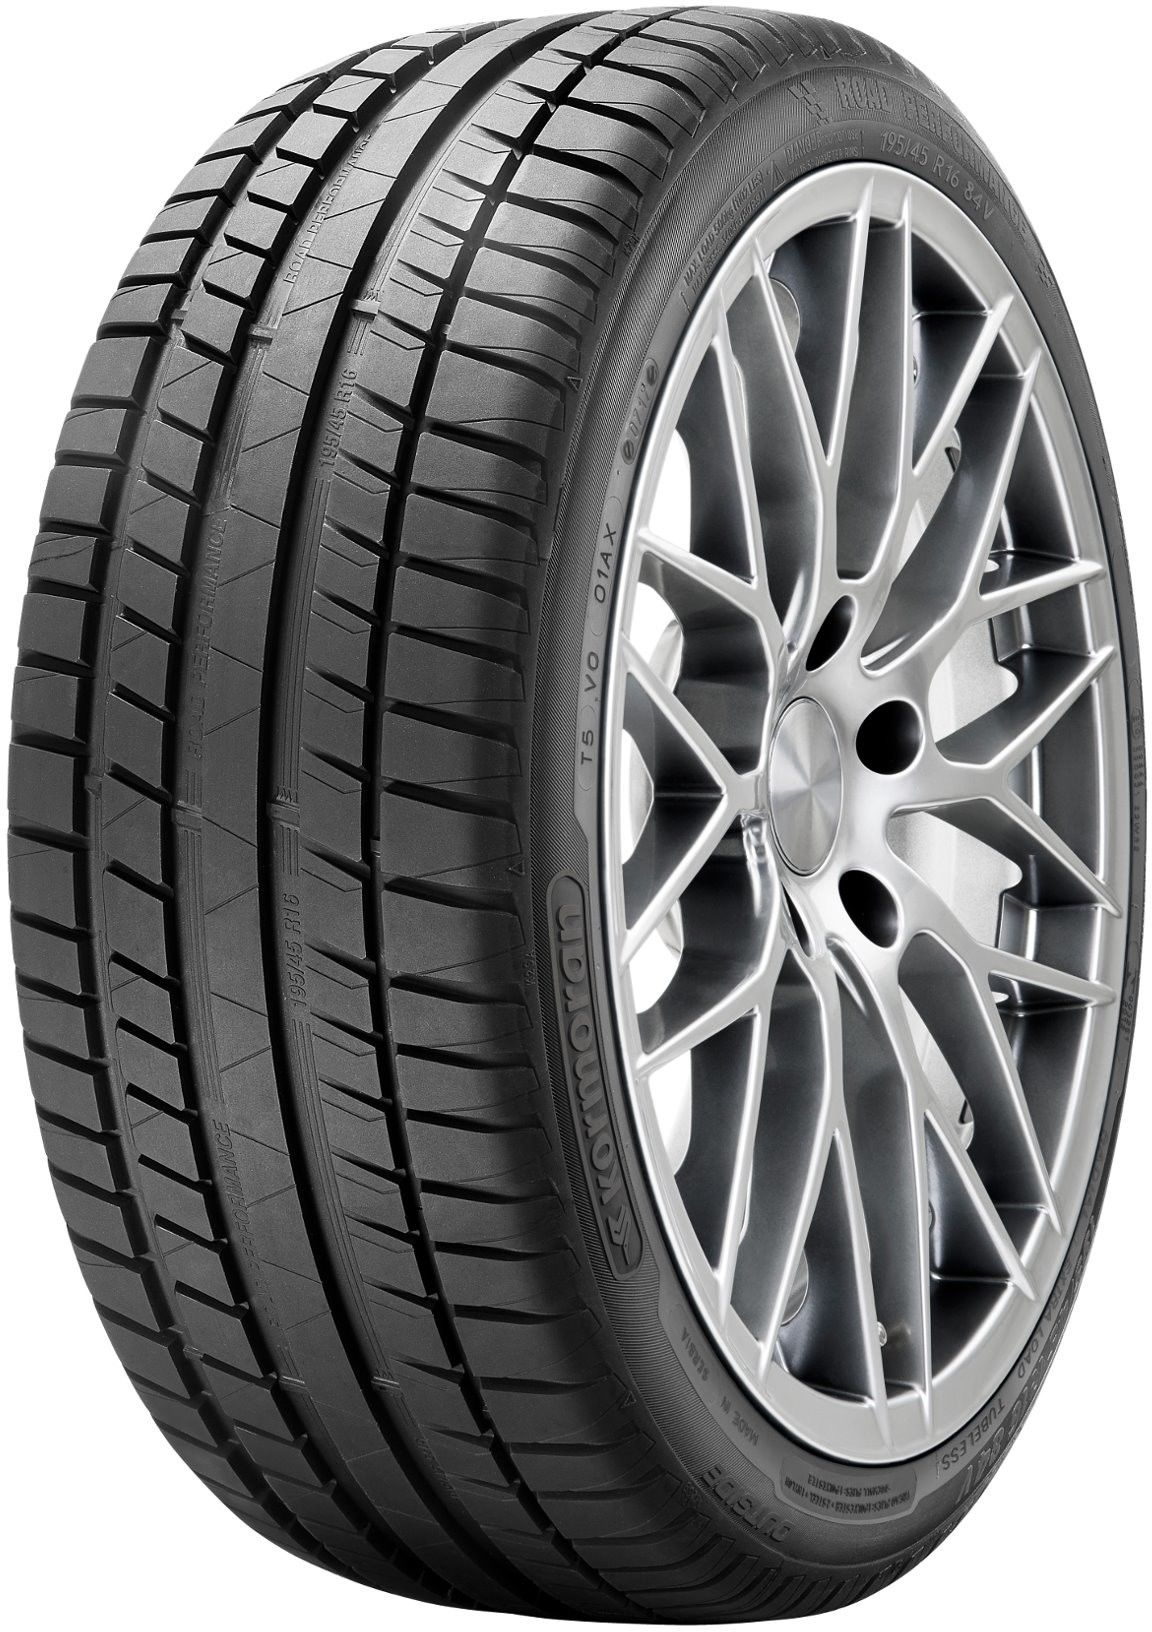 Kormoran Road Performance 225/55R16 99 W XL